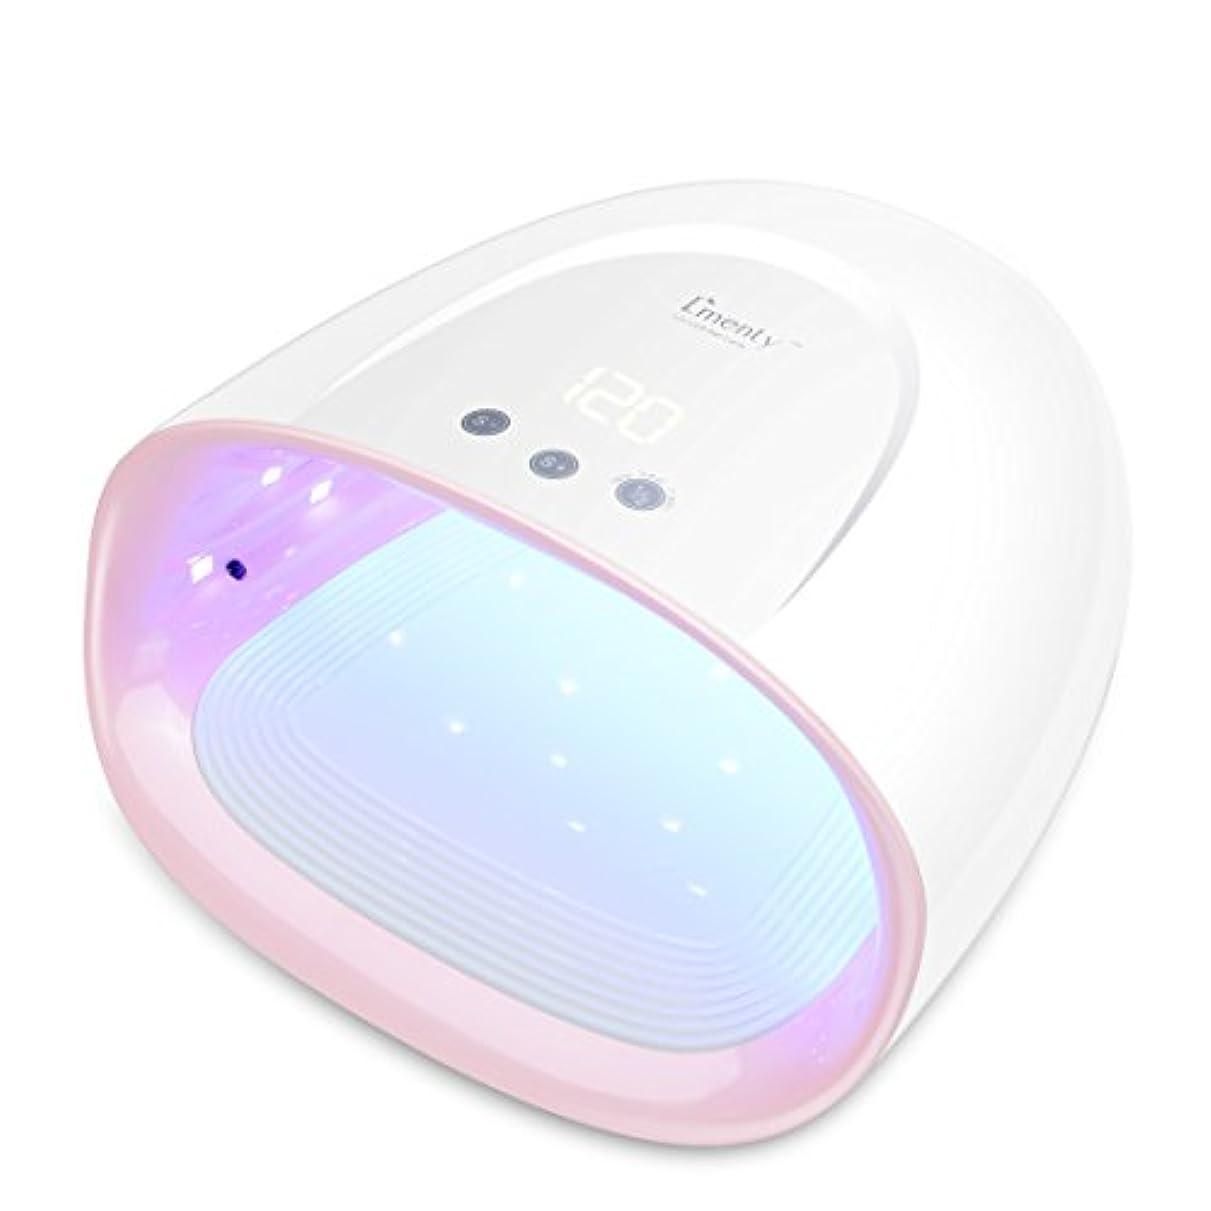 持つ簡単に内側マニキュア用 ネイルドライヤー UV?LEDダブル光源 ハイパワー 60W最新版 知能のデザイン 快適に硬化 五つのタイマ設定可能 12ヶ月の保証期間 日本語の説明書 (ピンク)